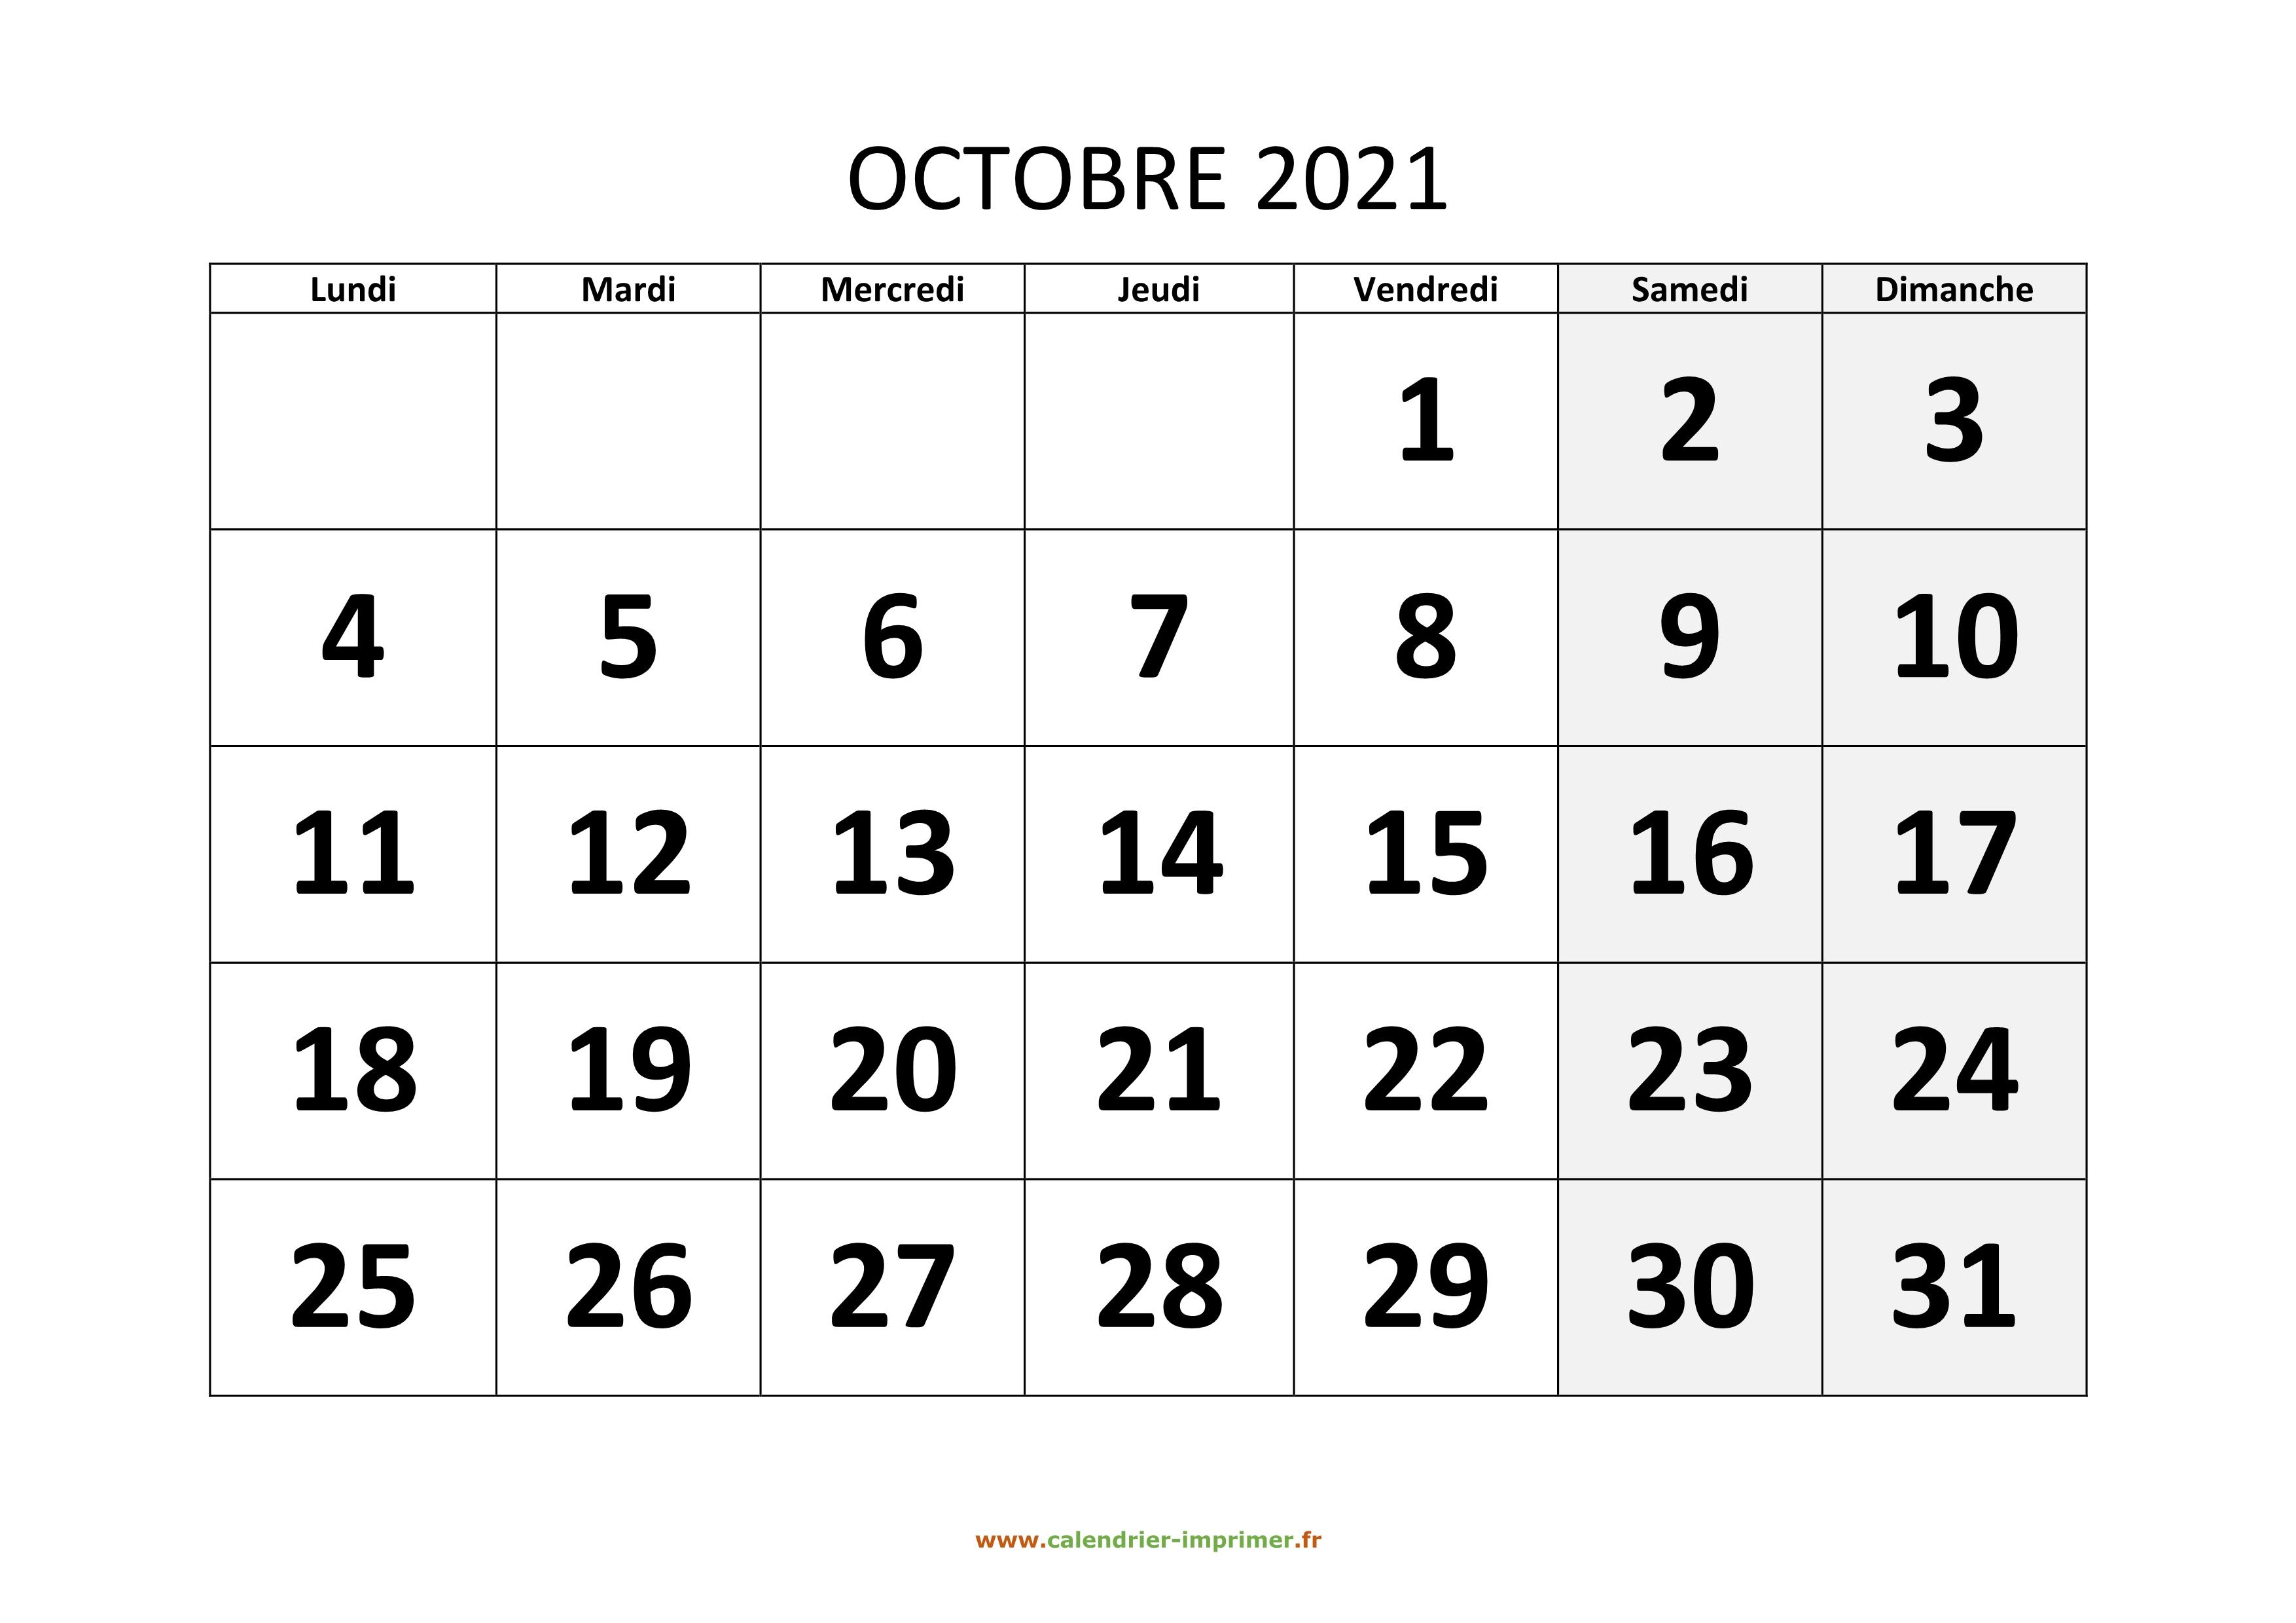 Calendrier Octobre 2021 à imprimer